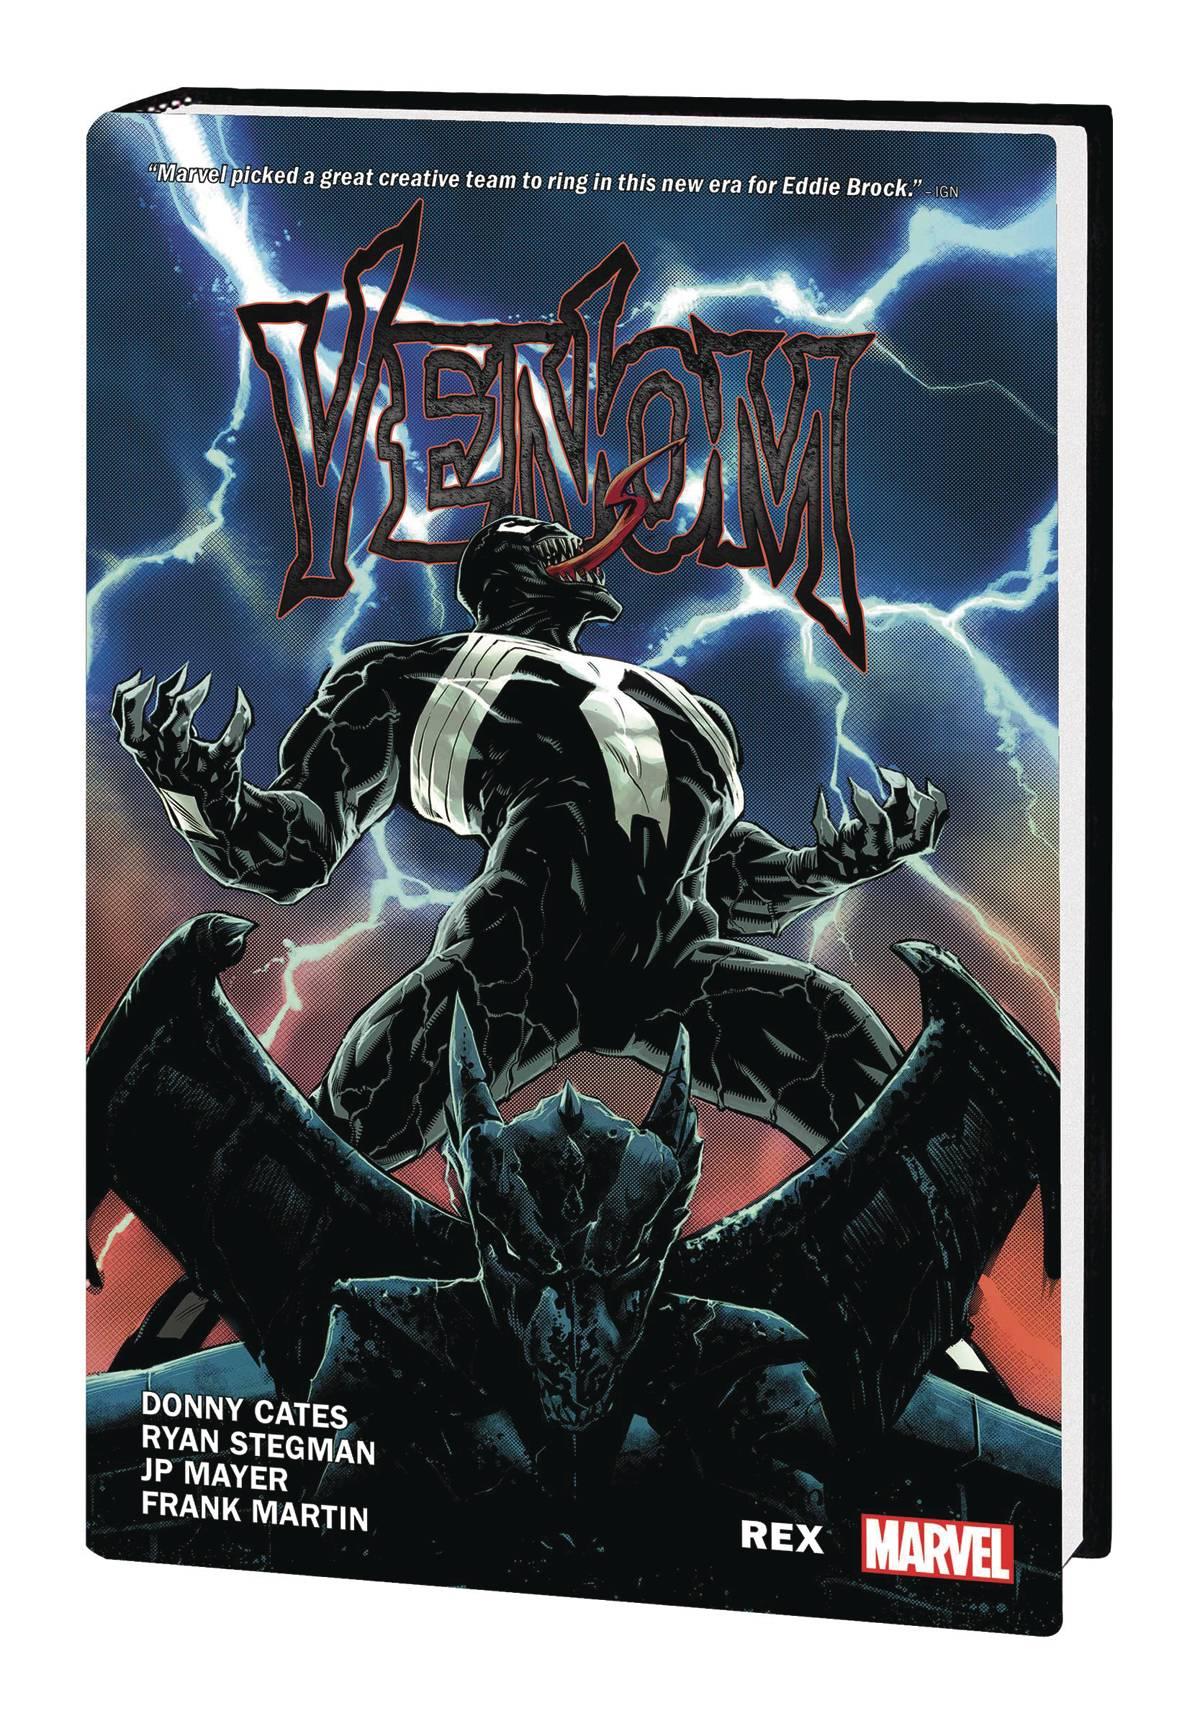 WEB OF VENOM CULT OF CARNAGE #1 CRAIN VIRGIN VARIANT MARVEL COMICS SPIDER-MAN